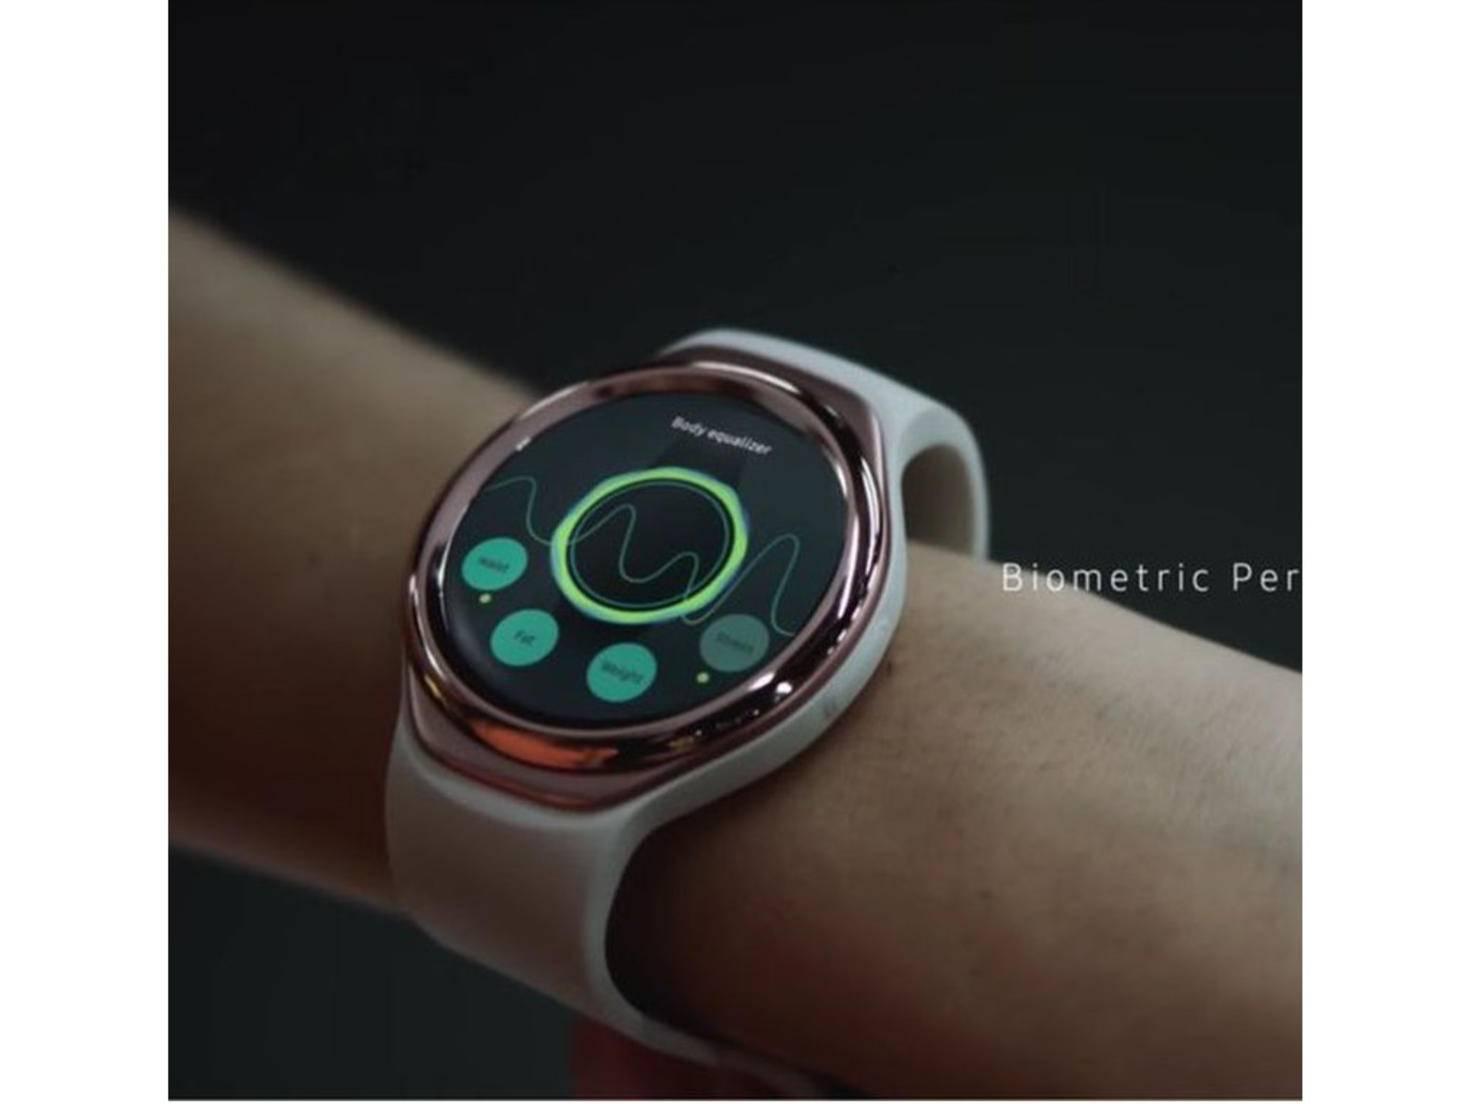 Ist das der neue Fitness-Tracker von Samsung?